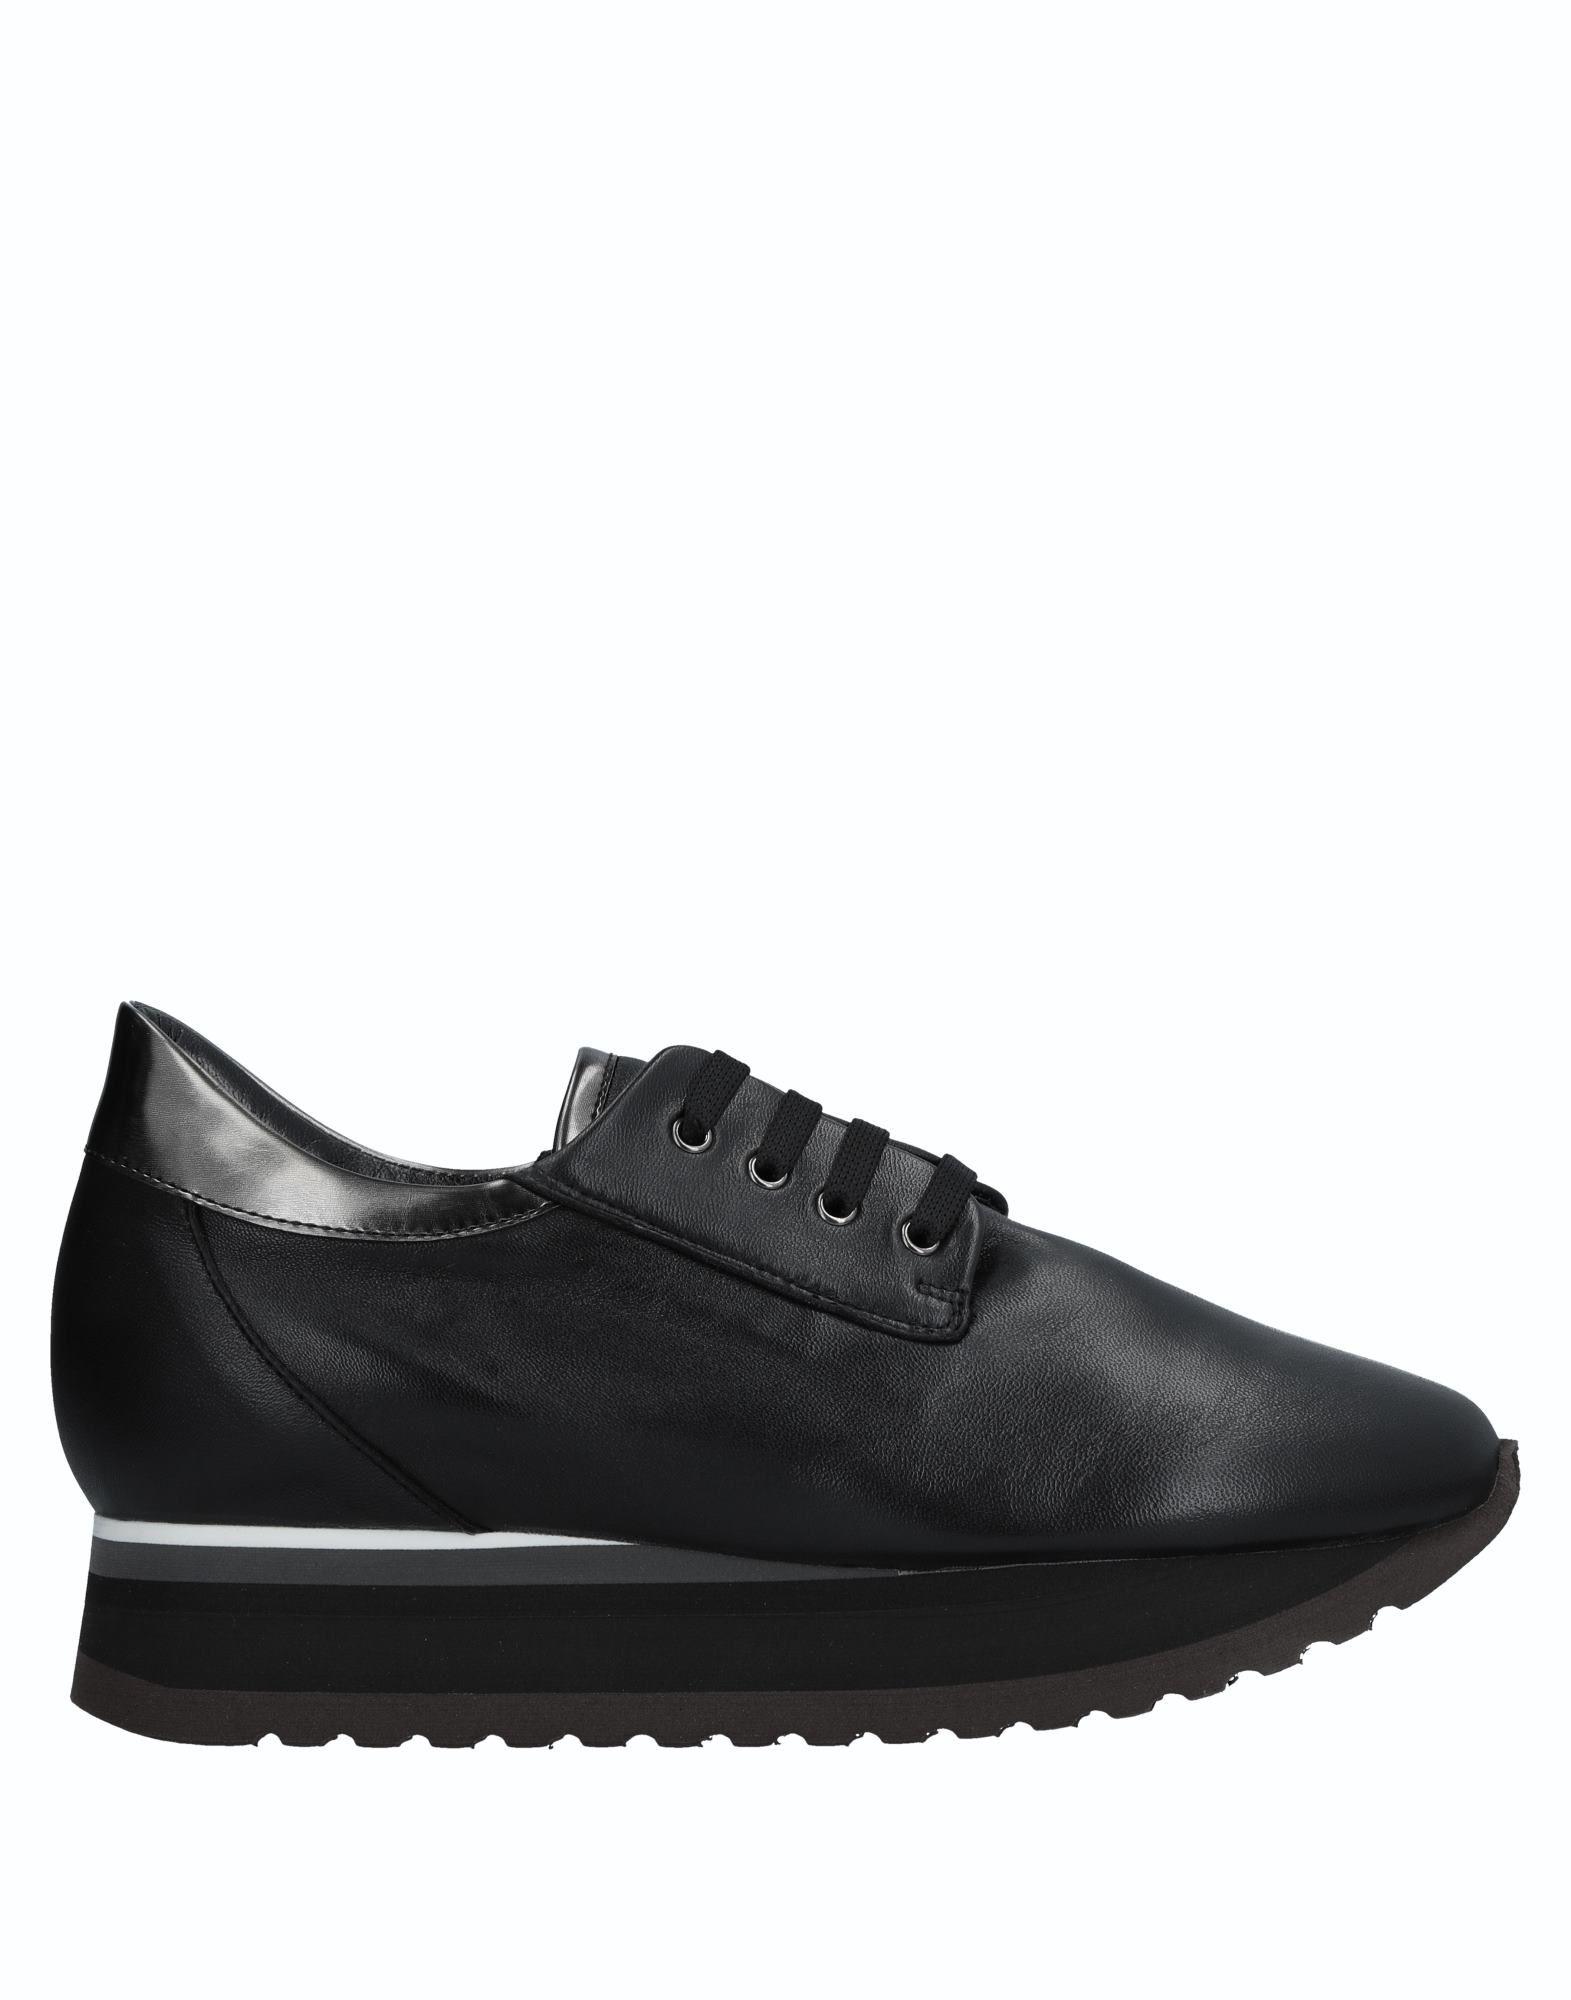 Los zapatos más hombres populares para hombres más y mujeres Zapatillas F.Lli Bruglia Mujer - Zapatillas F.Lli Bruglia  Negro 2da357